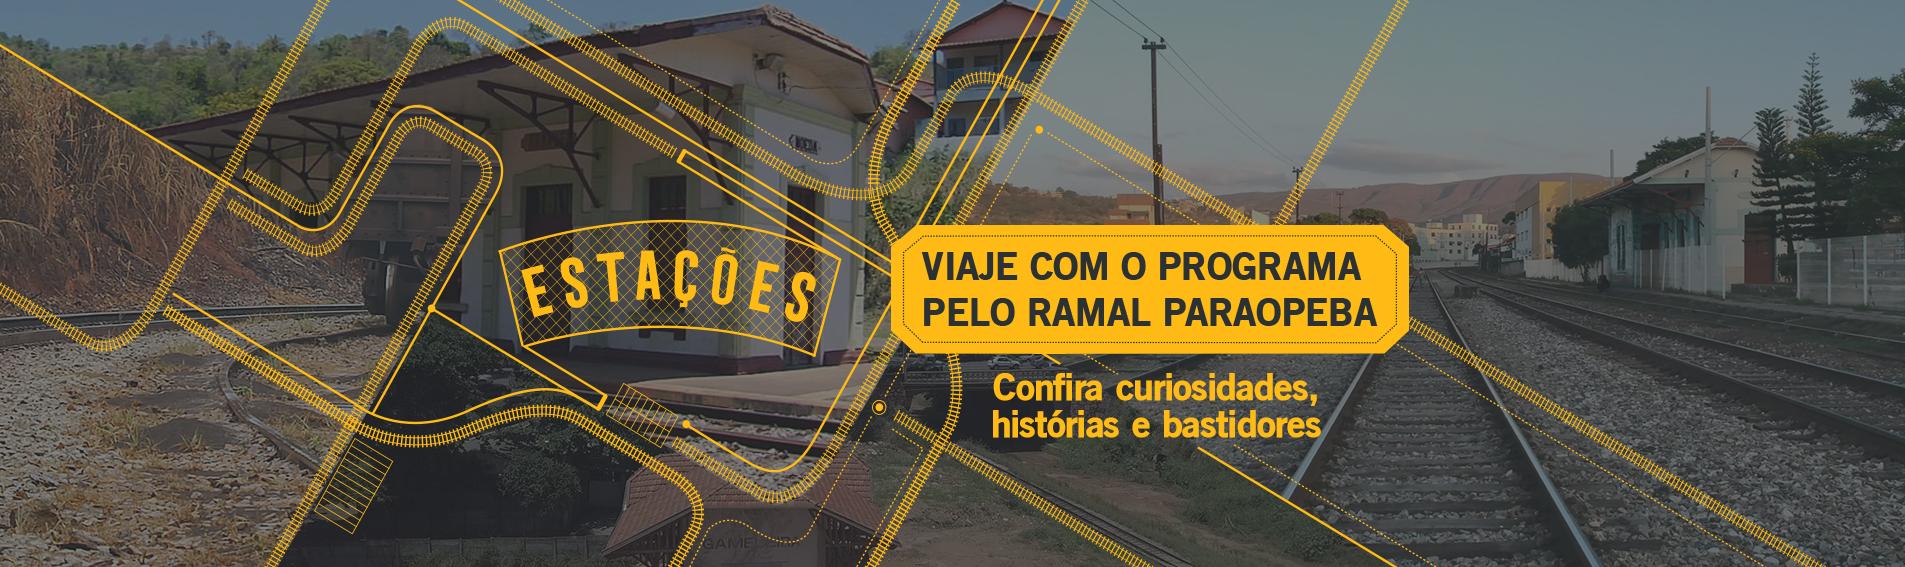 banner_estacoes_paginaespecial